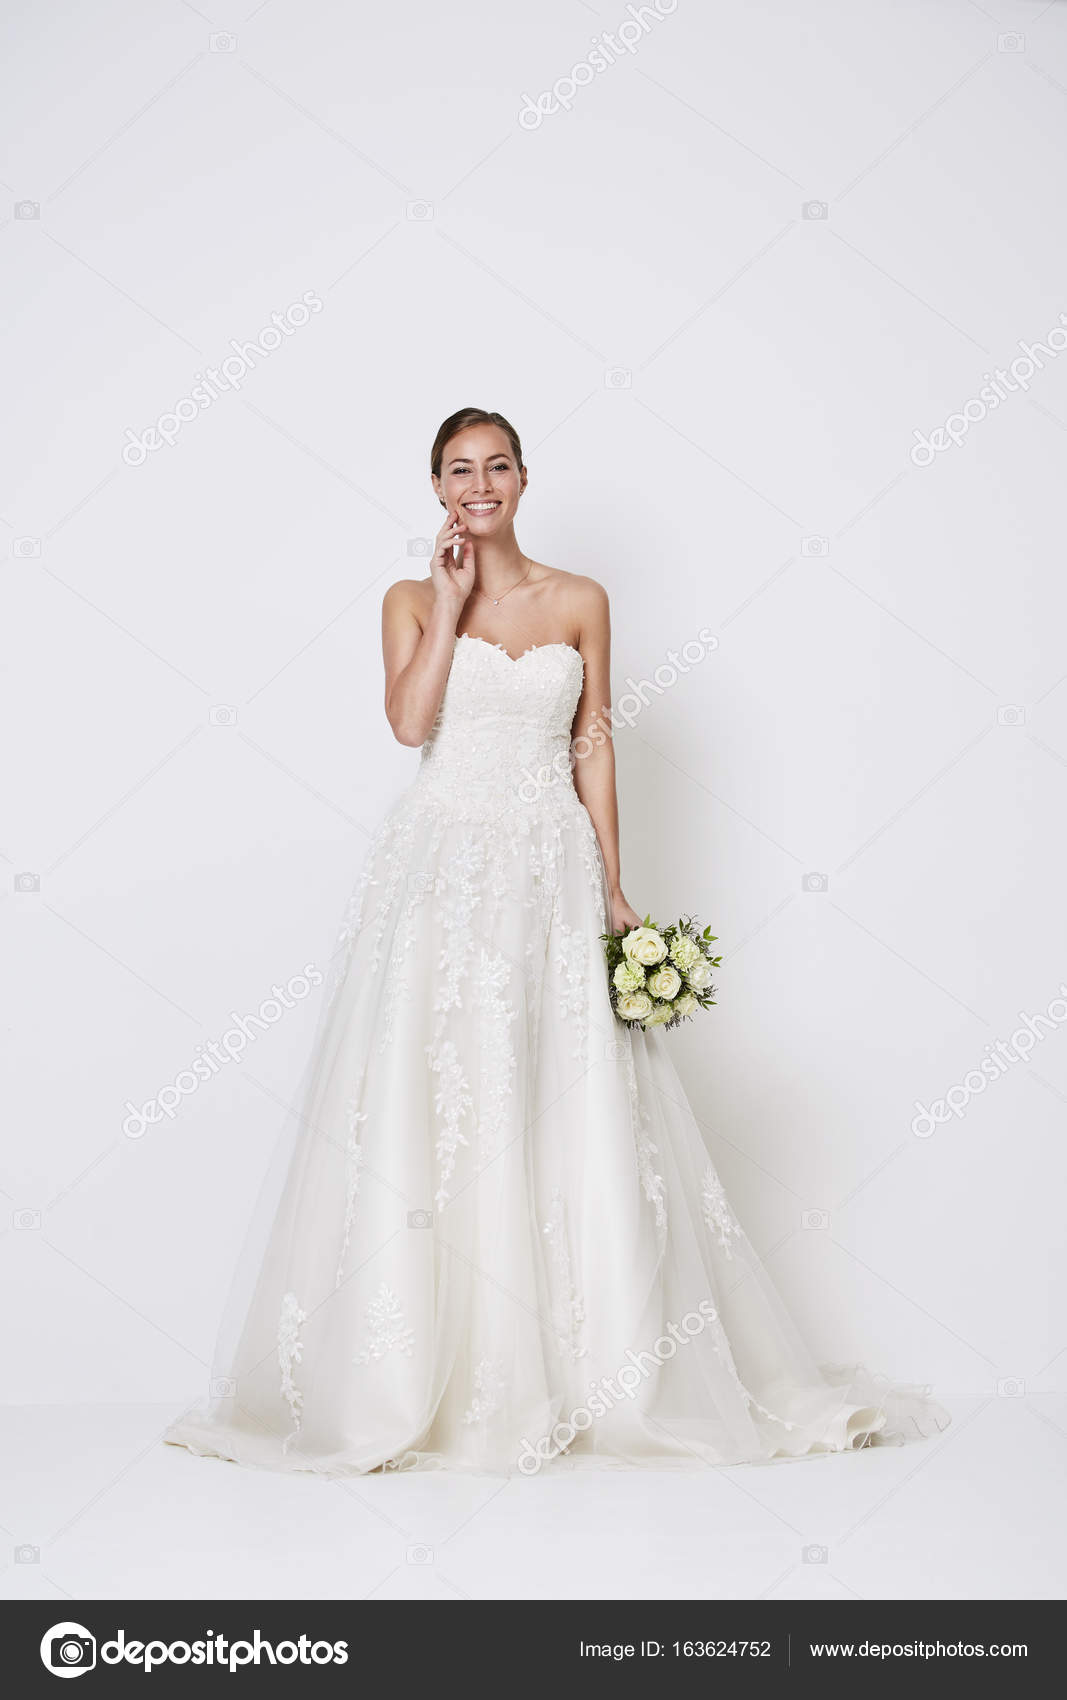 Witte Jurk Op Een Bruiloft.Bruid In Witte Bruiloft Jurk Stockfoto C Sanneberg 163624752